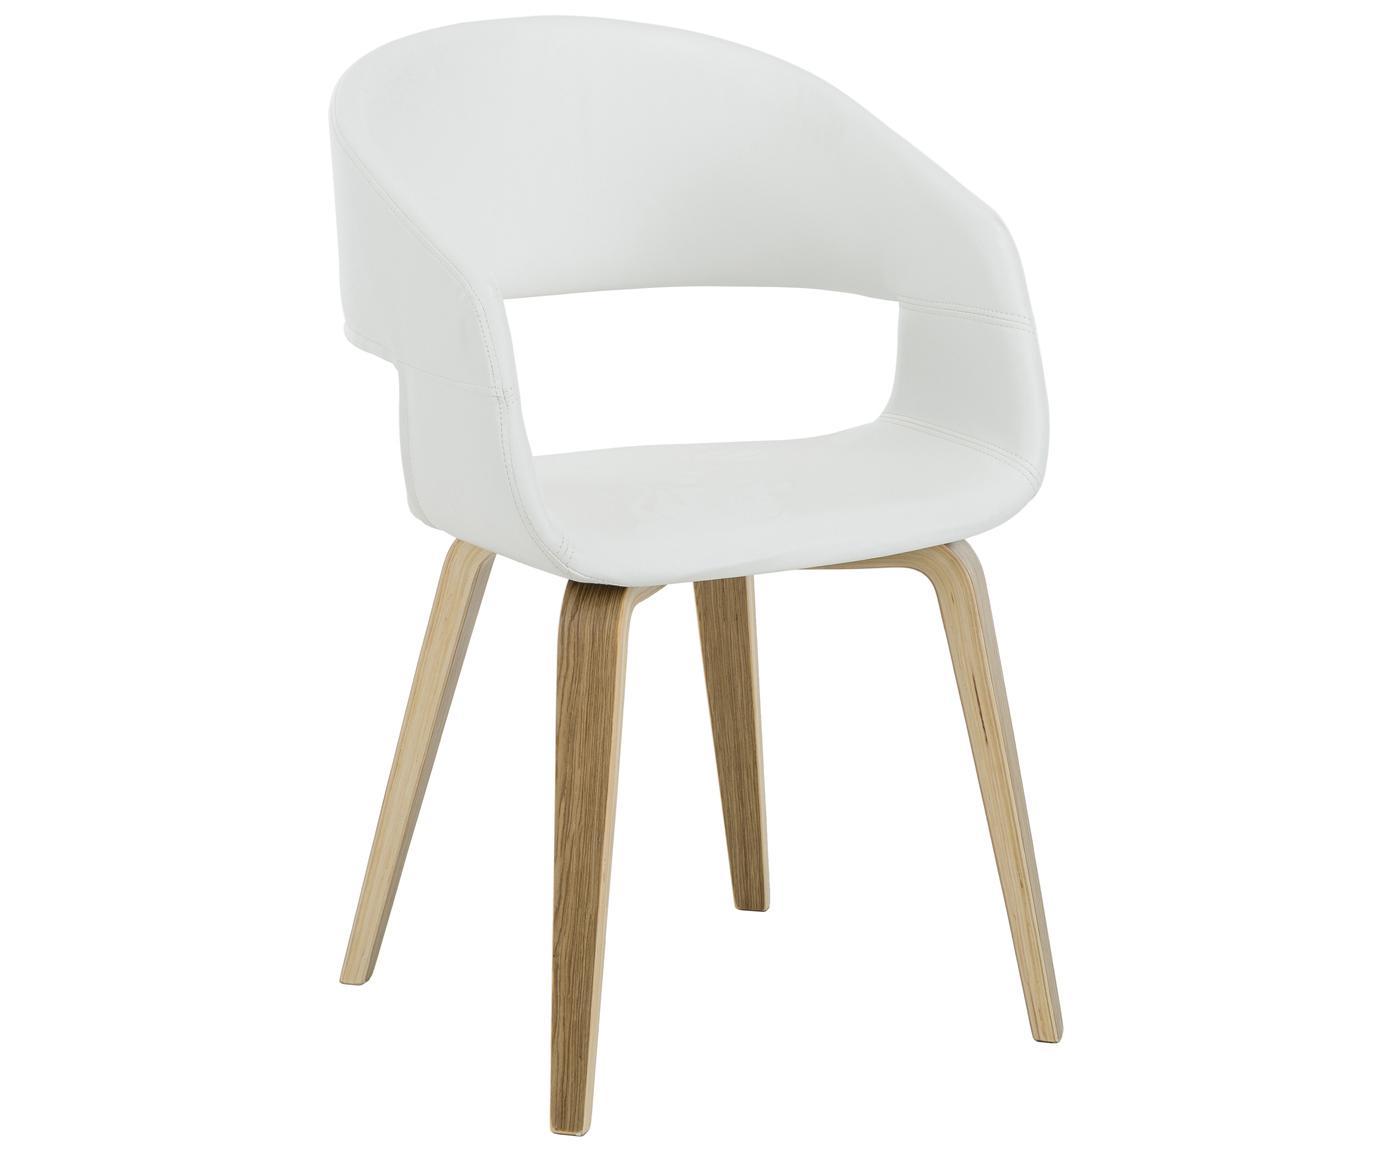 Sedie con braccioli  in similpelle Nova, 2 pz., Gambe: compensato di rovere, bia, Rivestimento: similpelle (poliuretano), Bianco, legno di quercia, L 50 x A 77 cm